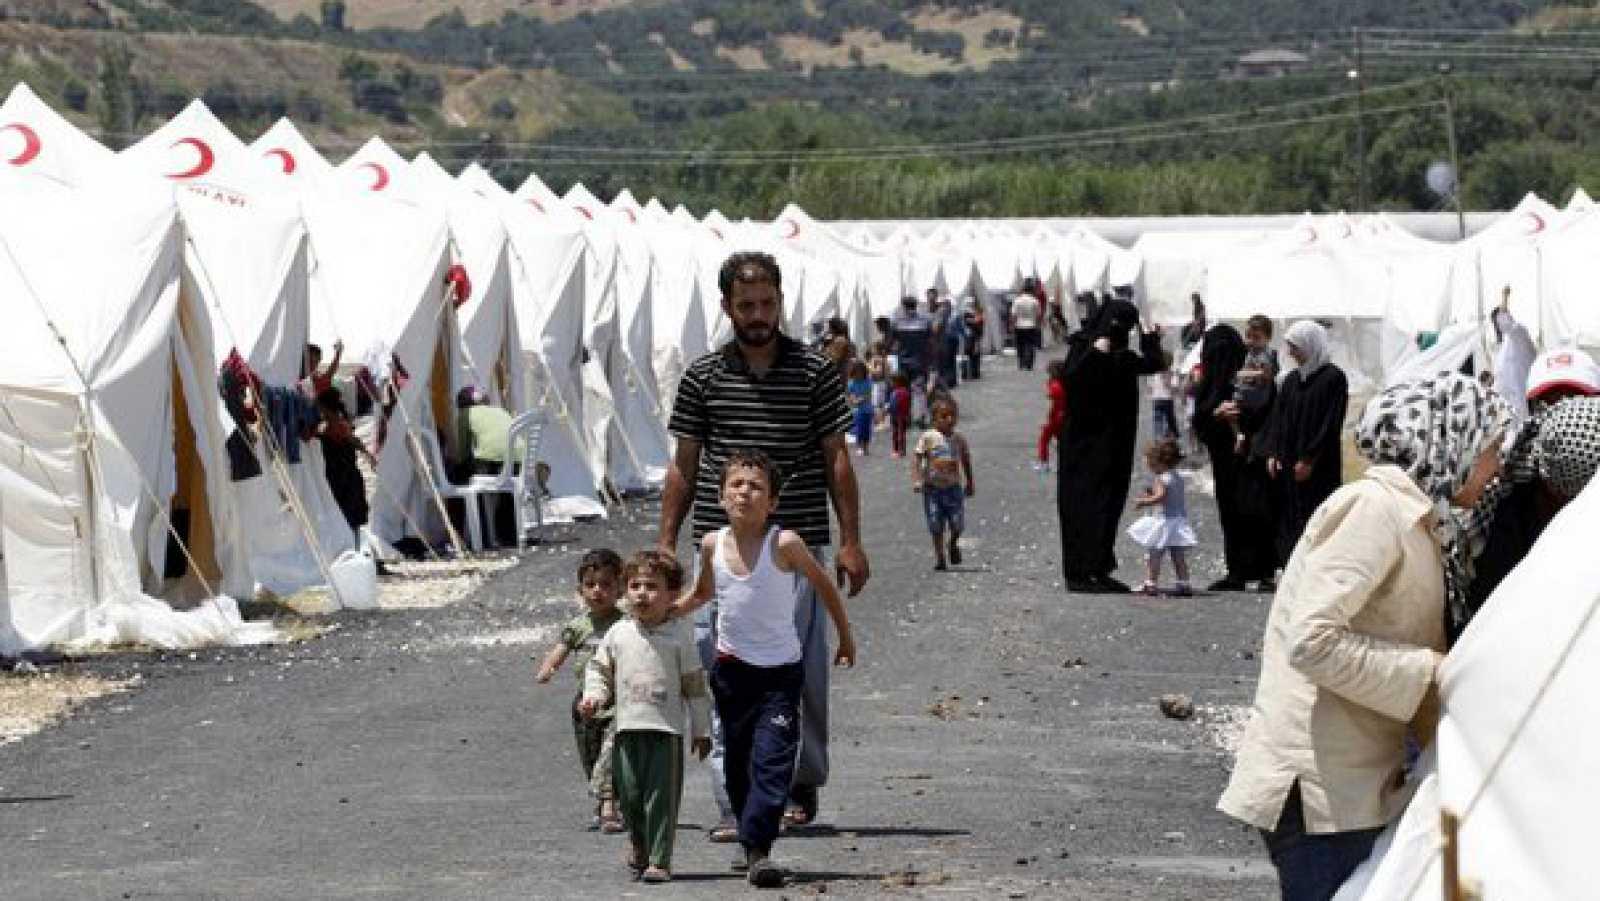 Cooperación es desarrollo - La crisis de los refugiados sirios en Líbano y Jordania - 01/07/18 - Escuchar ahora